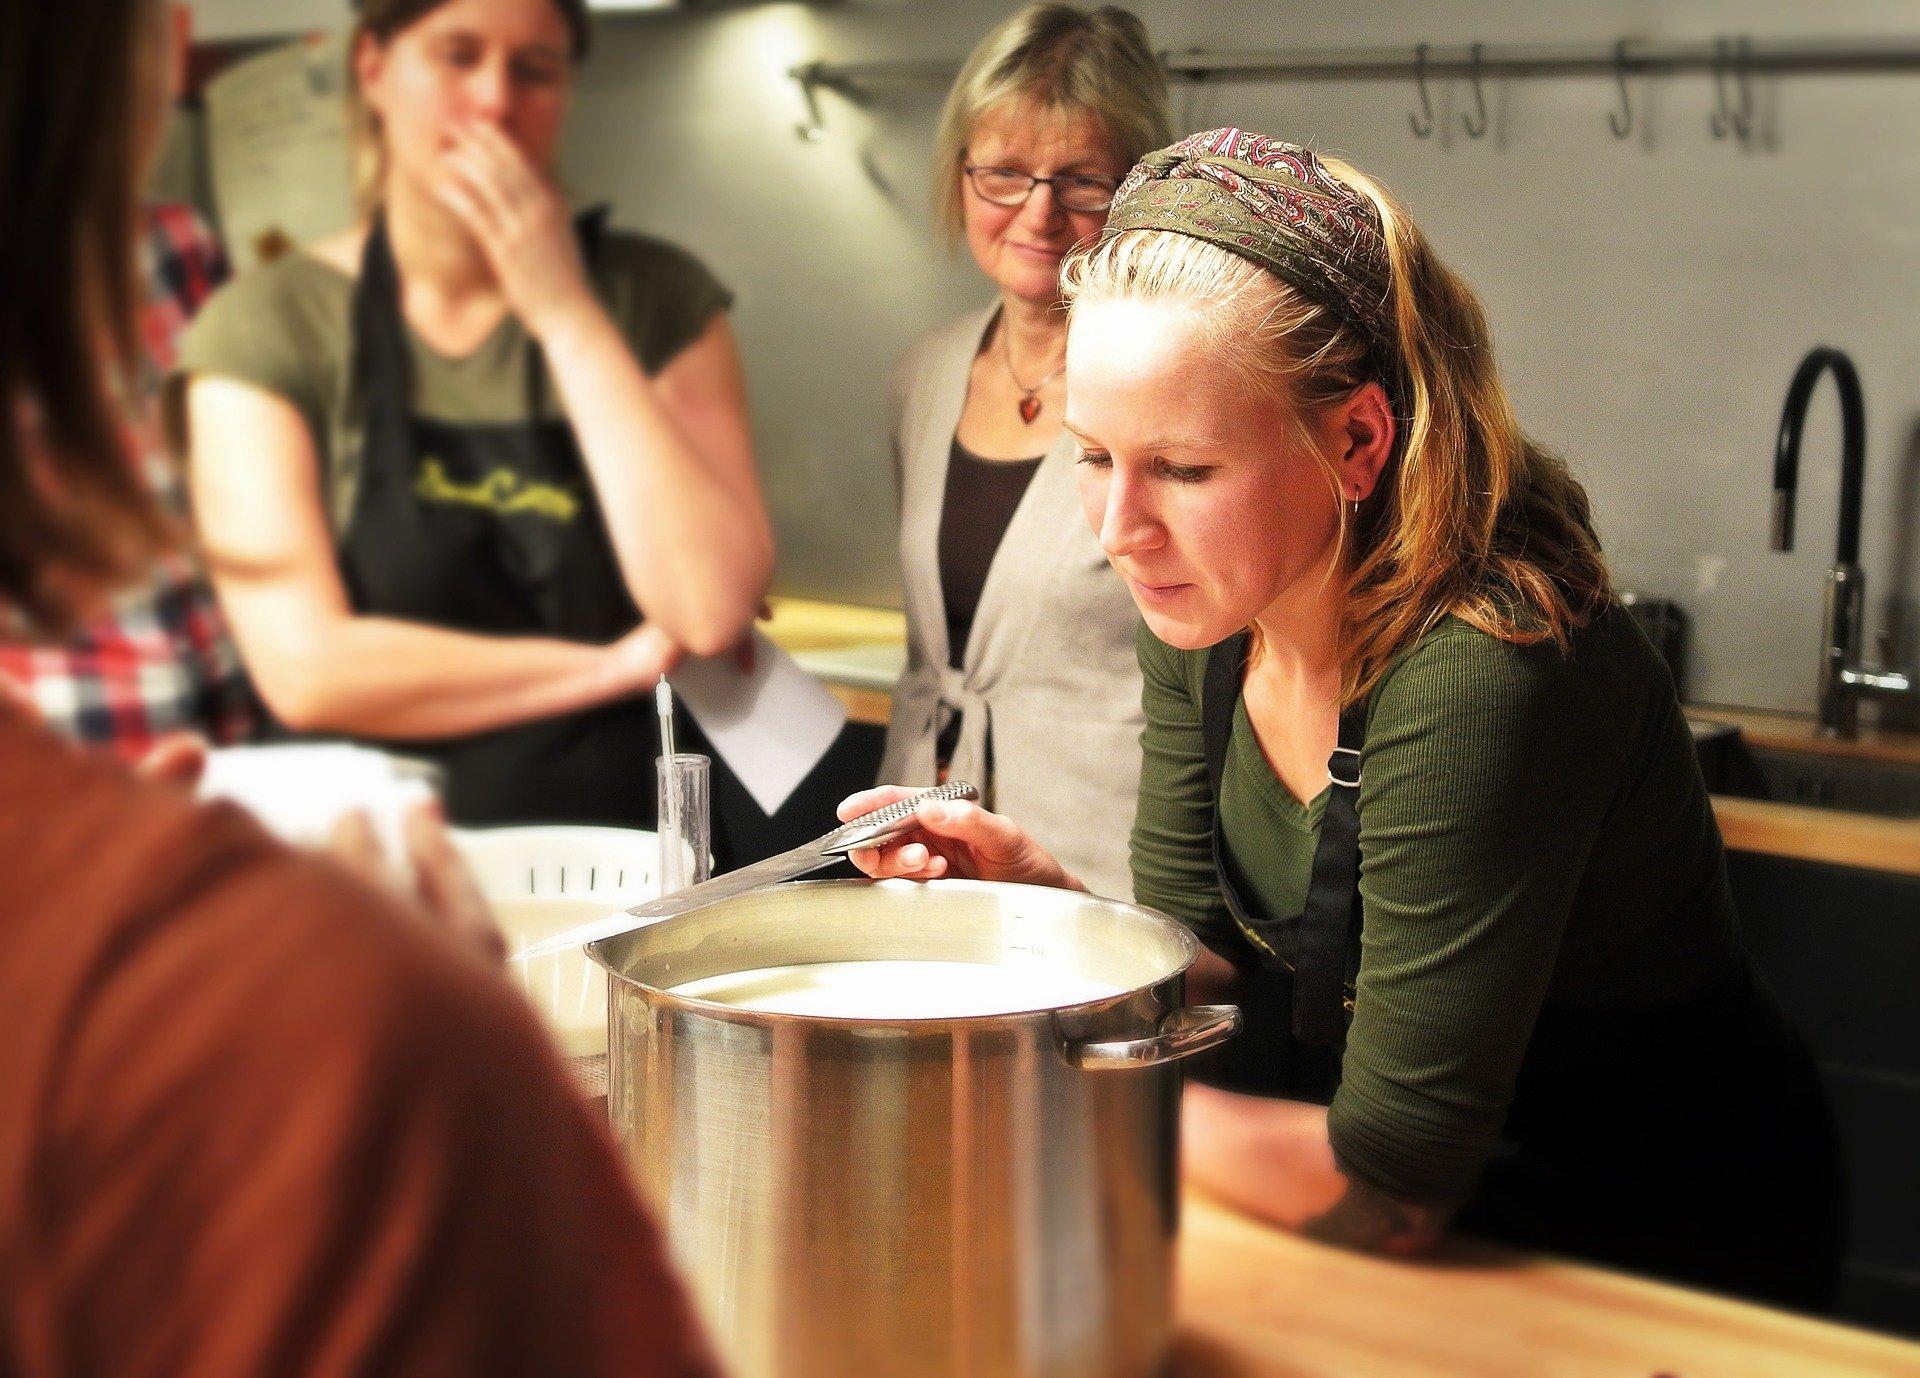 corso gruppo in cucina